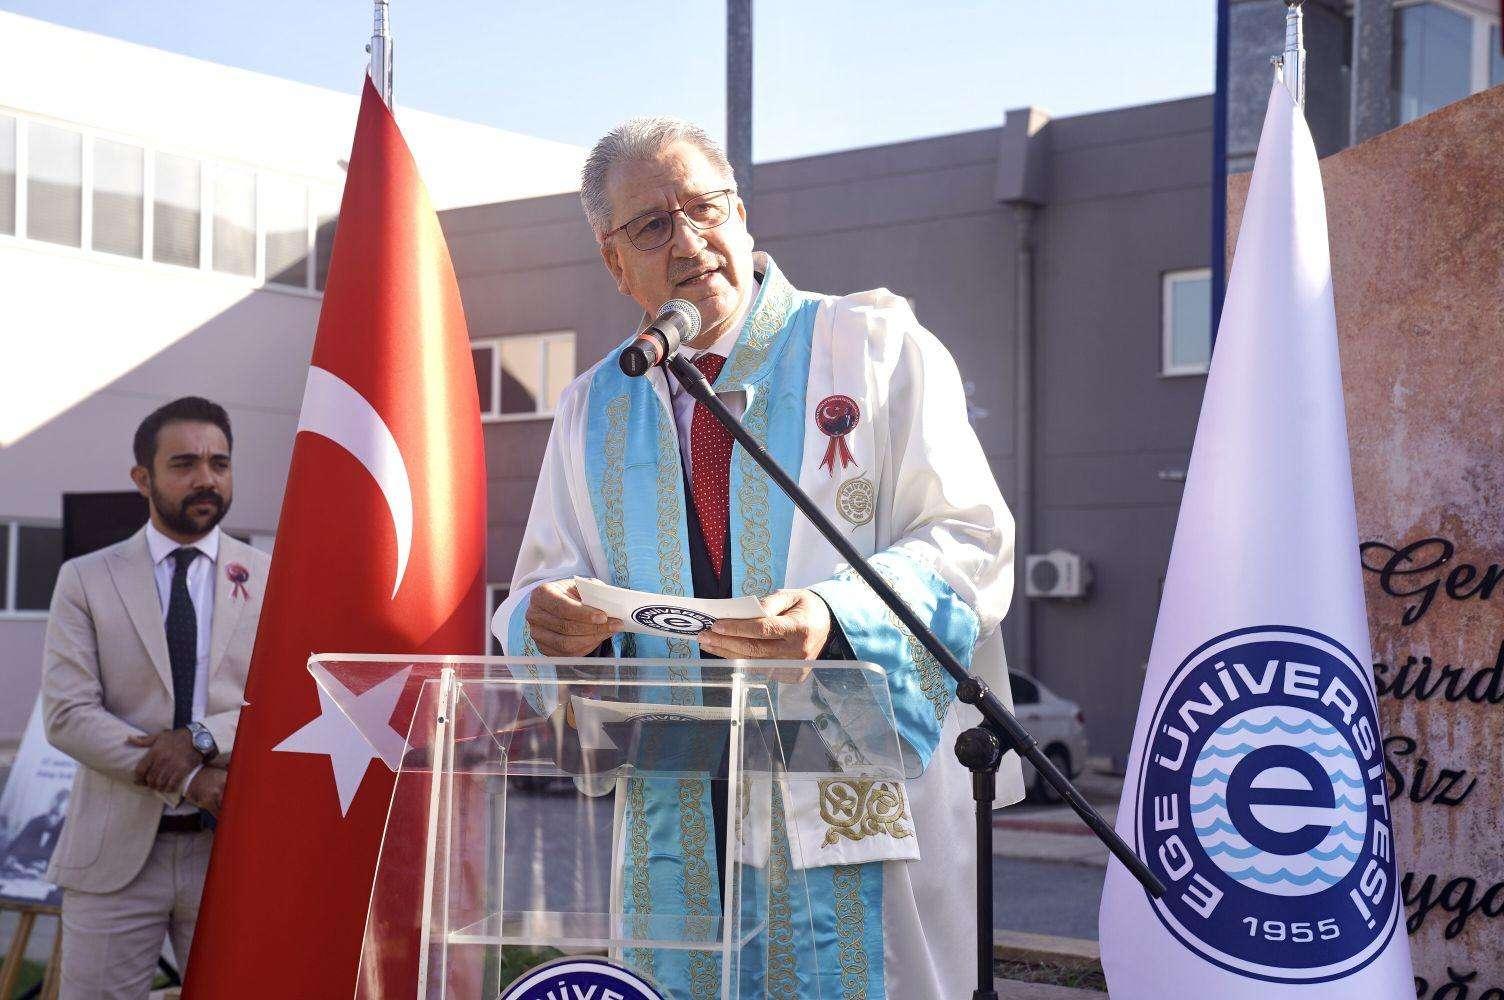 EÜ'de Cumhuriyet Bayramı töreni